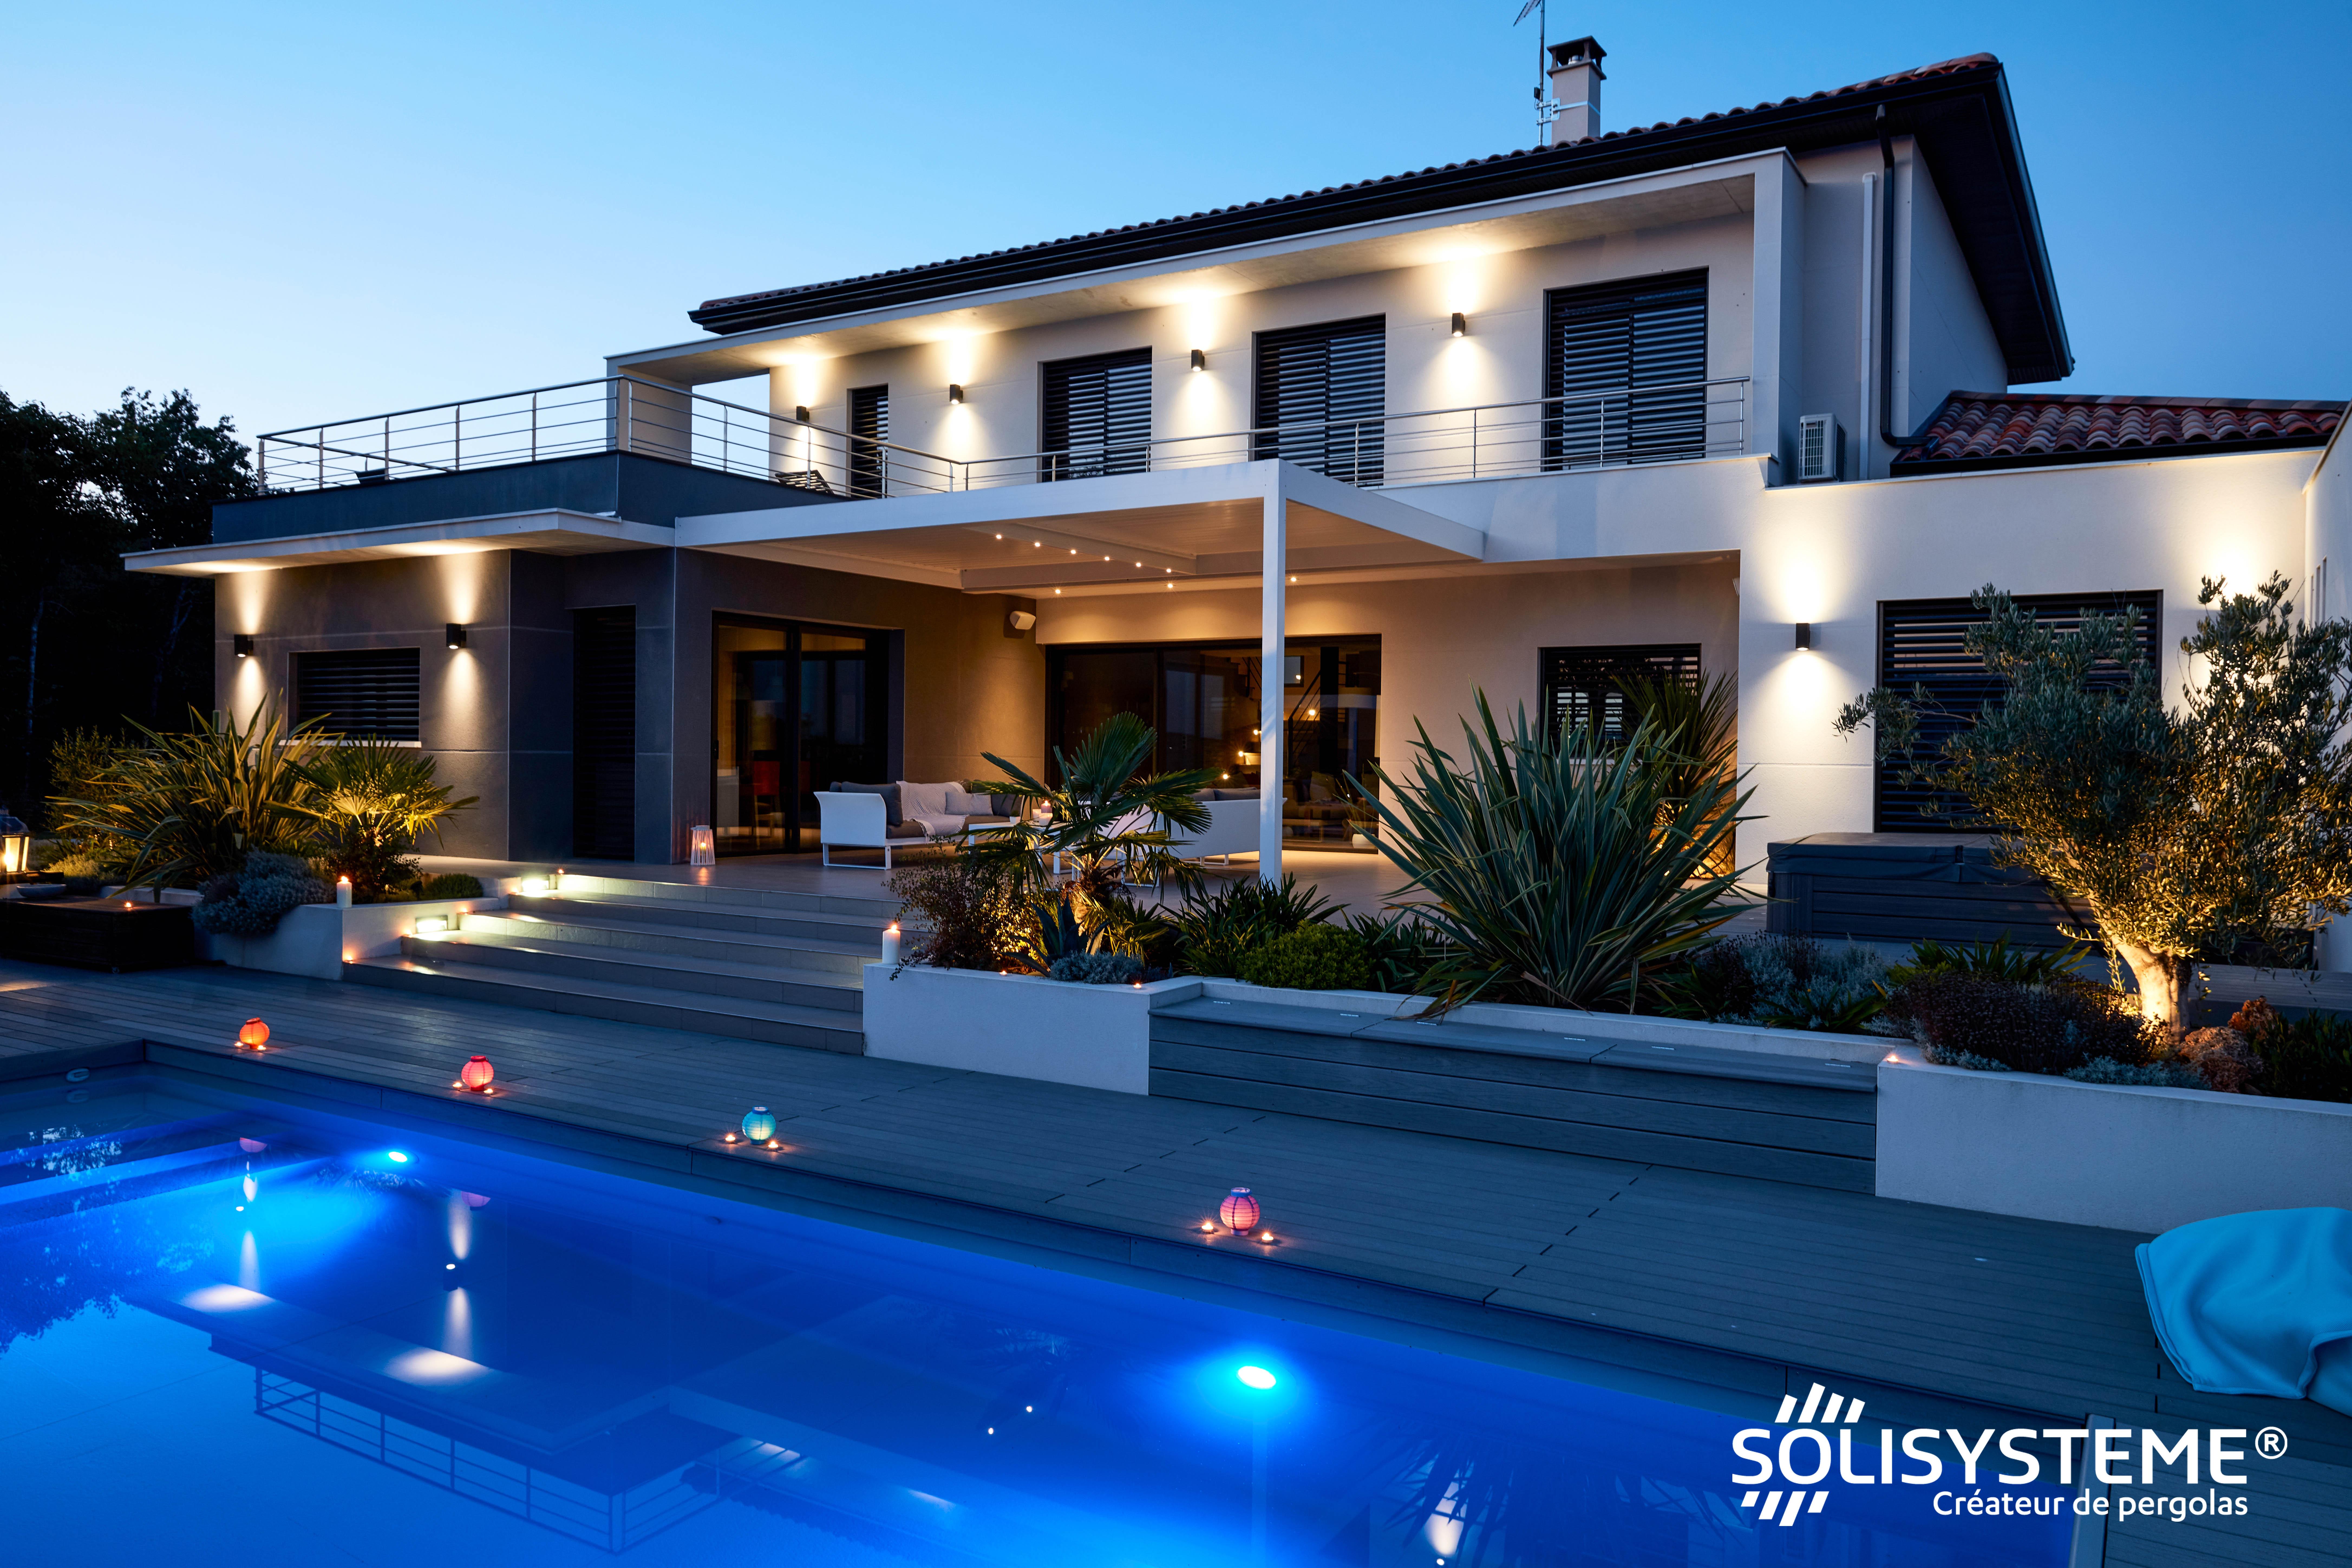 SOLISYSTEME Pergola BIOCLIMATIQUE : La structure se fond naturellement dans l'architecture de la maison, l'éclairage led assurant une utilisation de nuit. © Alain Potignon